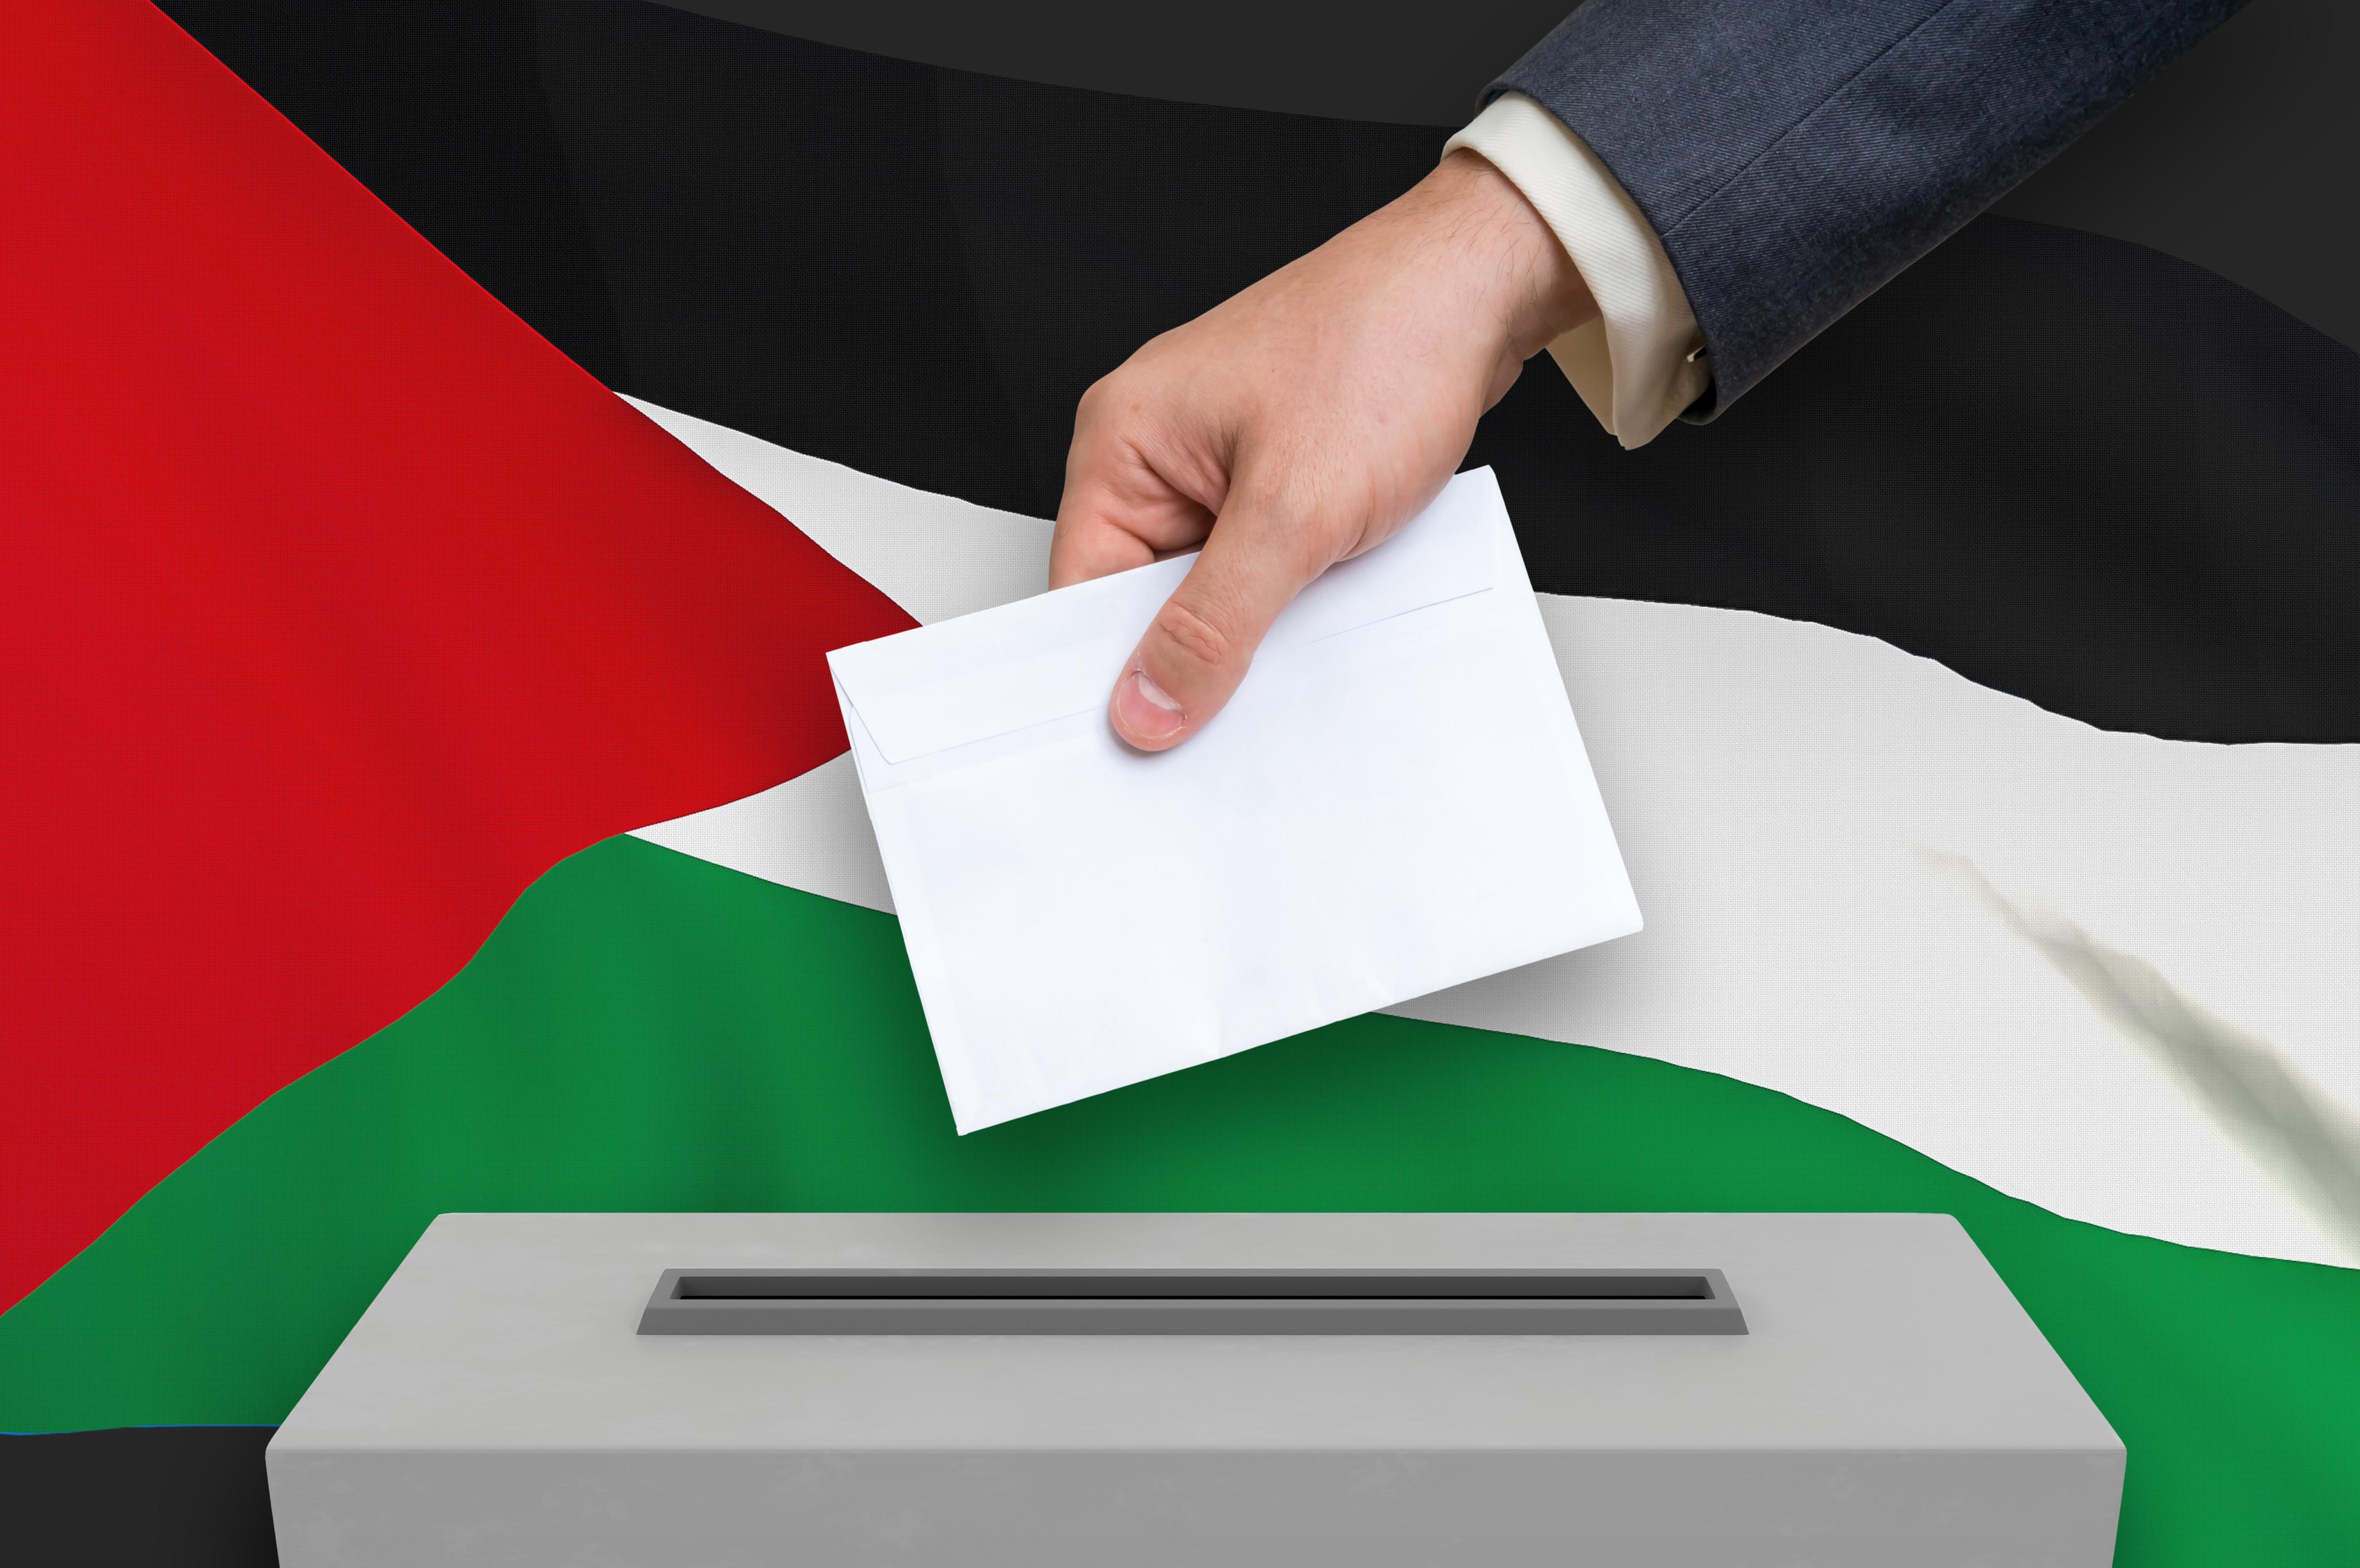 האם הצעירים הפלסטינים יצליחו לחולל שינוי בבחירות הקרובות ?